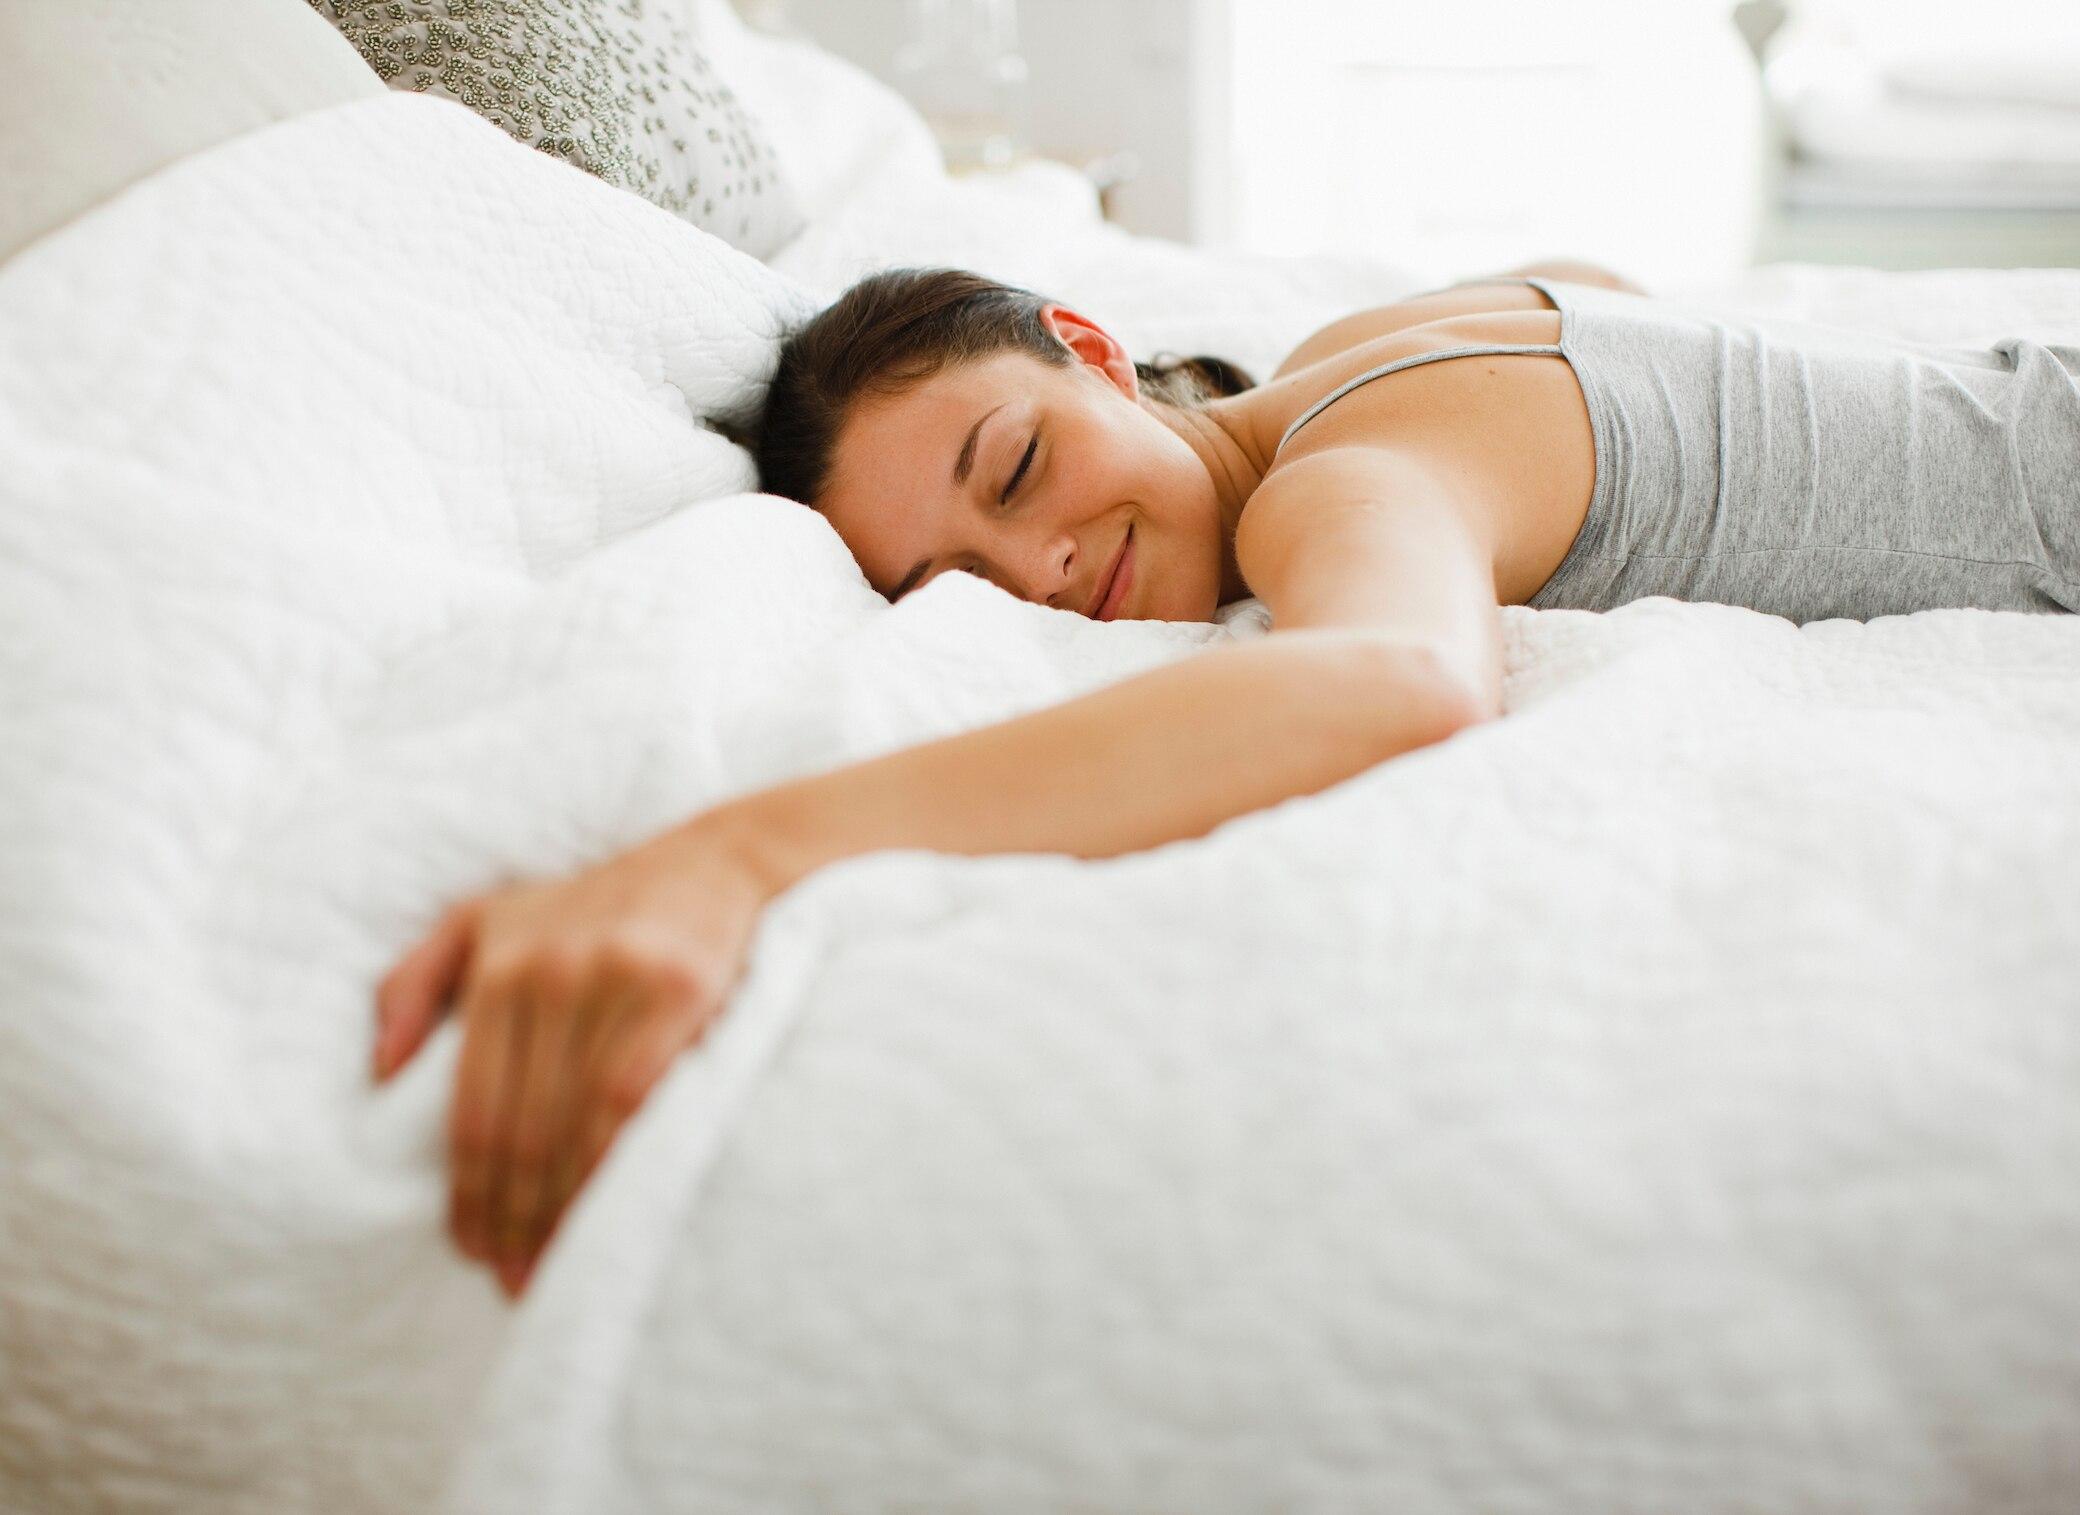 Endlich besser schlafen! - cover